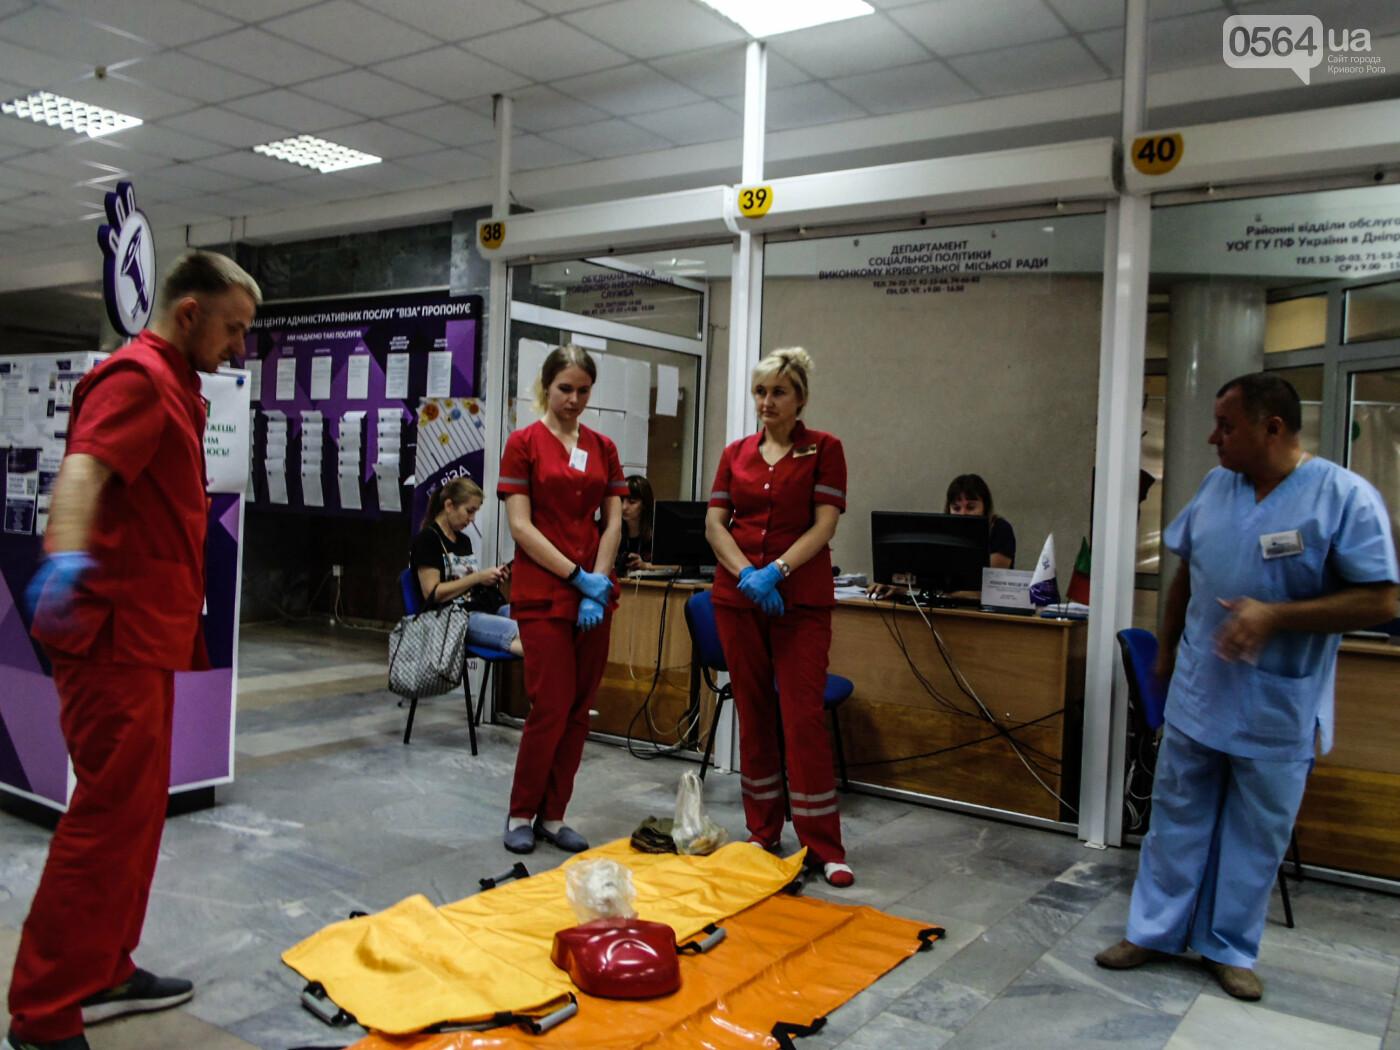 В Криворожском горисполкоме обучали оказывать людям первую медицинскую помощь, - ФОТО, ВИДЕО , фото-11